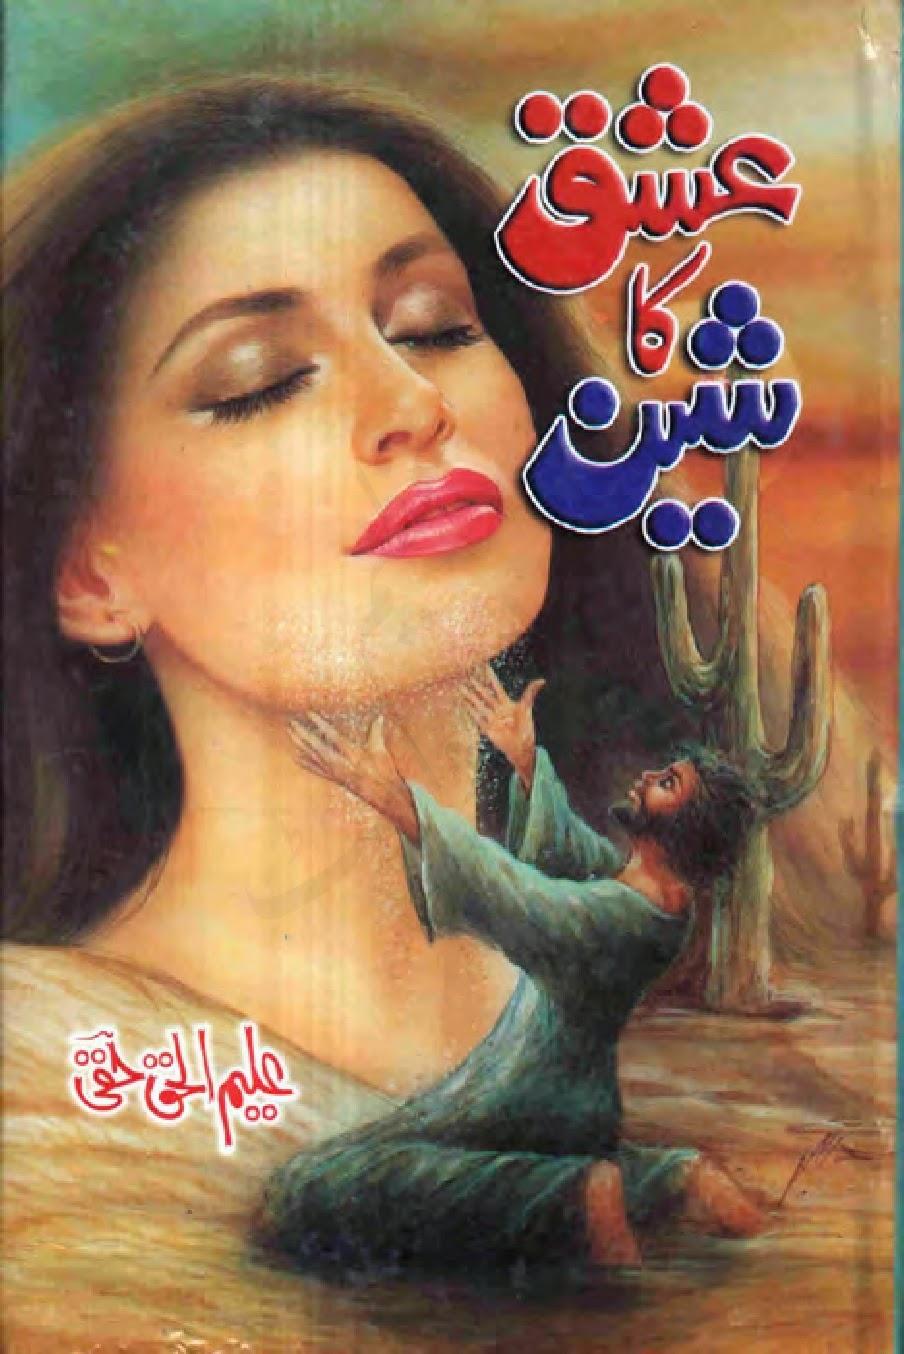 Ishq k sheen by Aleem ul Haq Haqqi Part 1